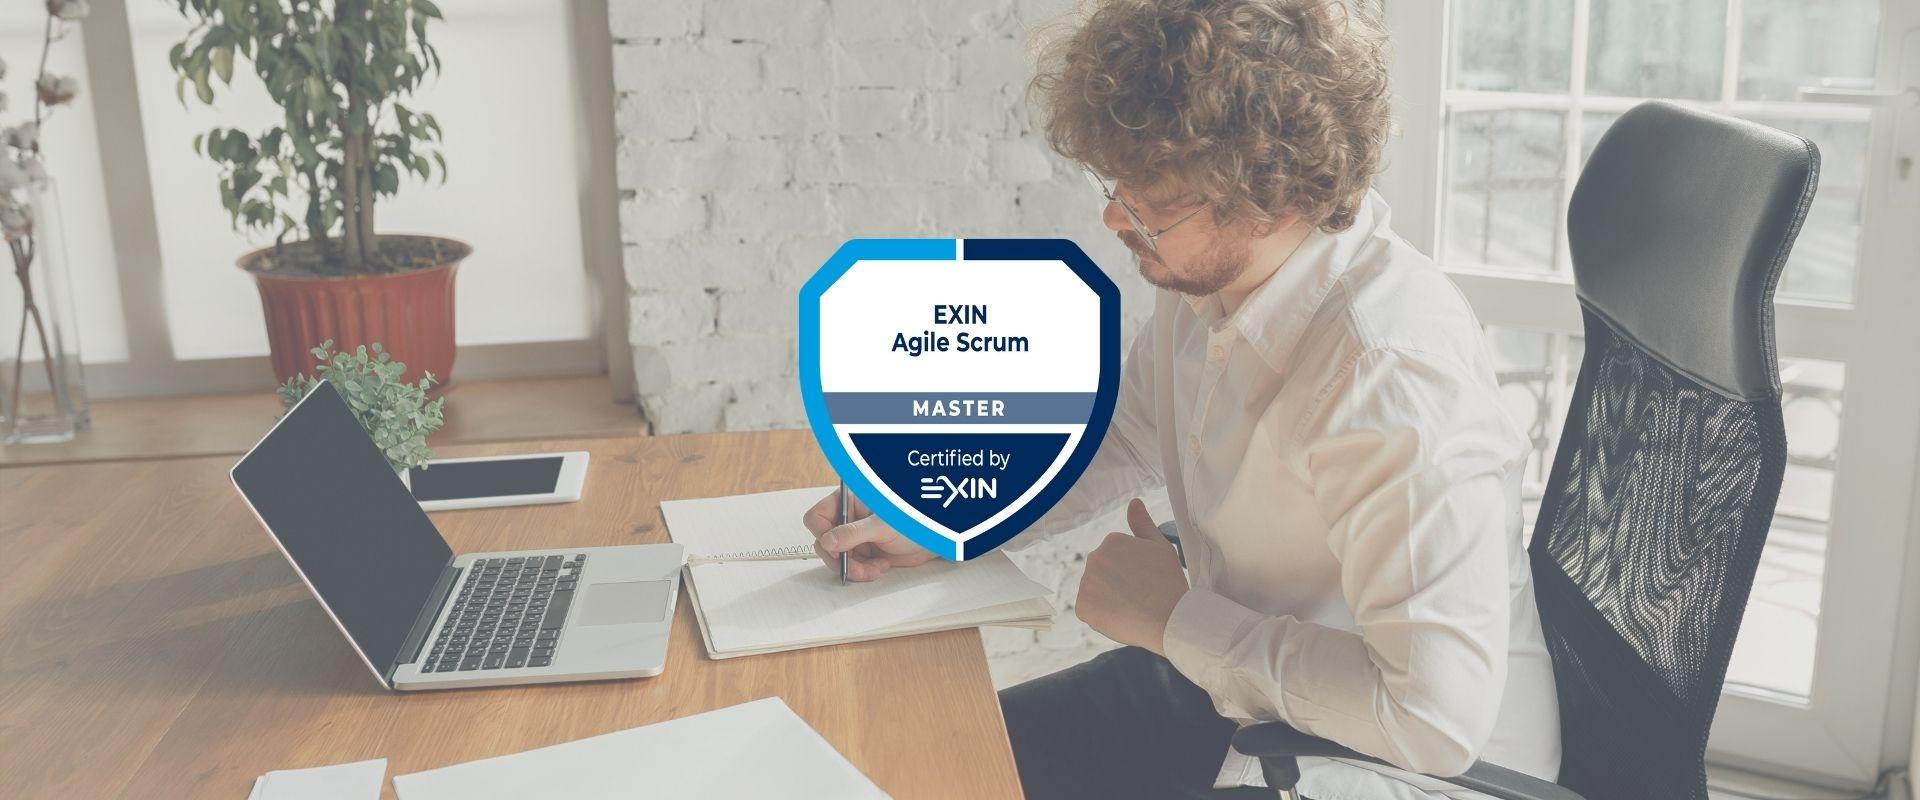 Certificação EXIN Agile Scrum Master: tudo o que você precisa saber